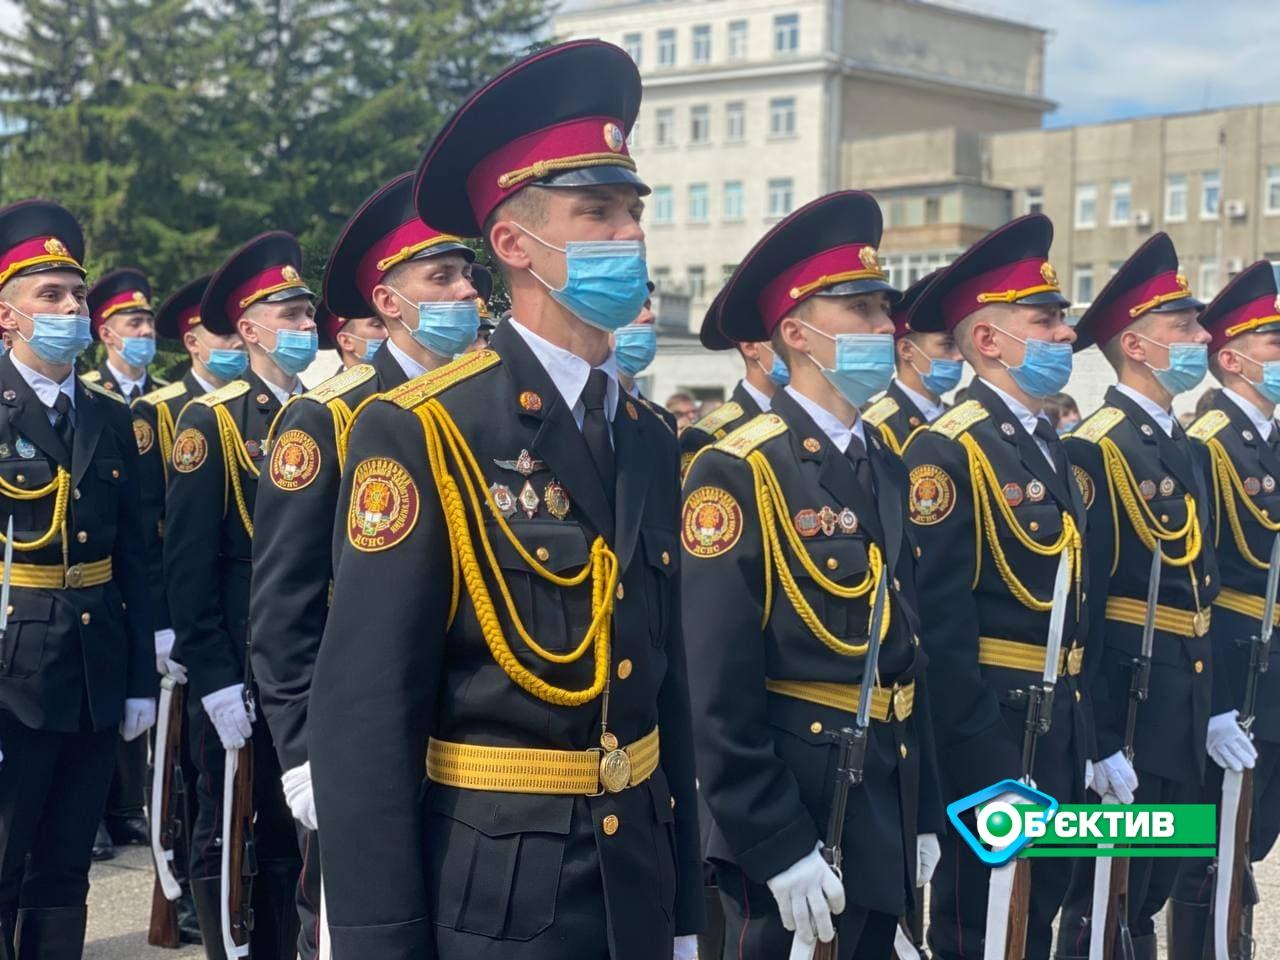 Будущие спасатели, закончившие харьковский университет гражданской защиты, принесли присягу